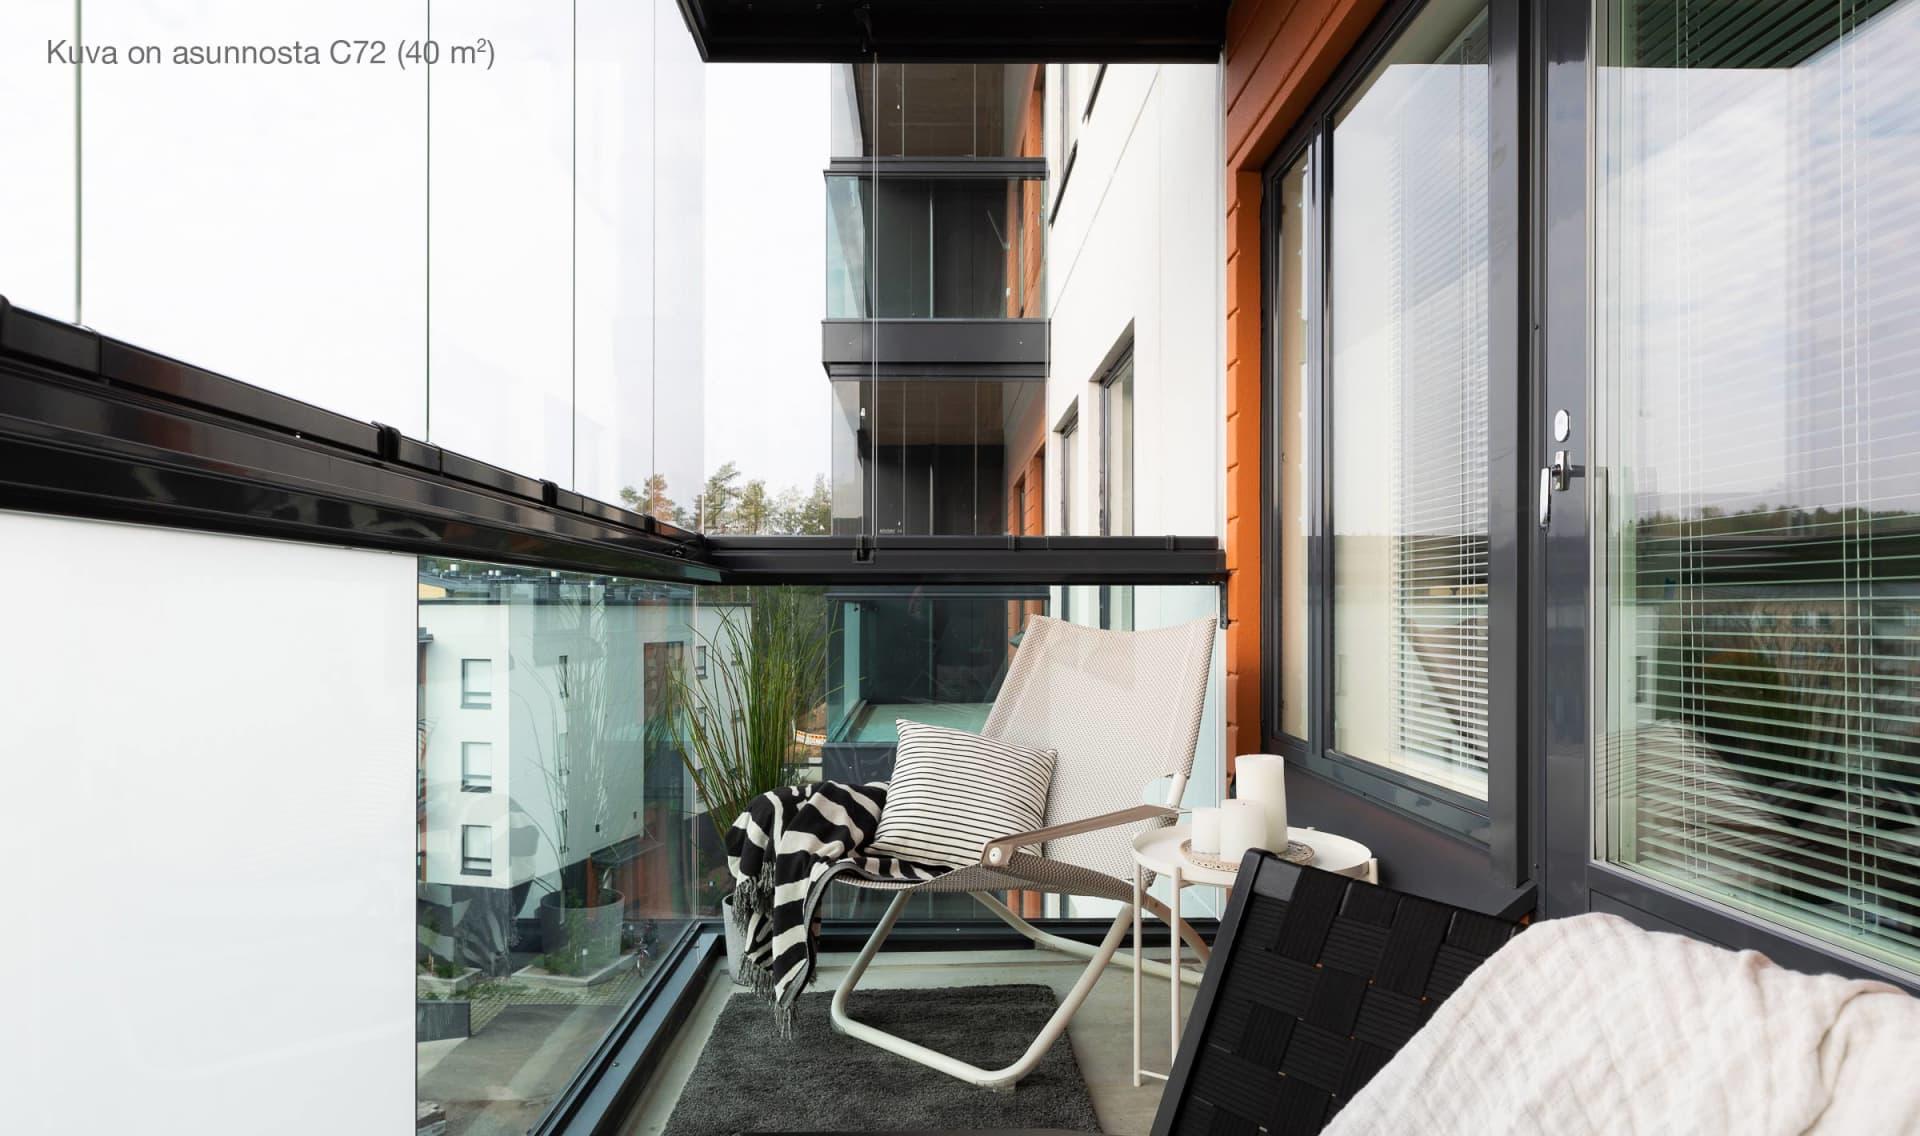 Myytävät asunnot, Kauniainen - Asunto Oy Kauniaisten Herttua